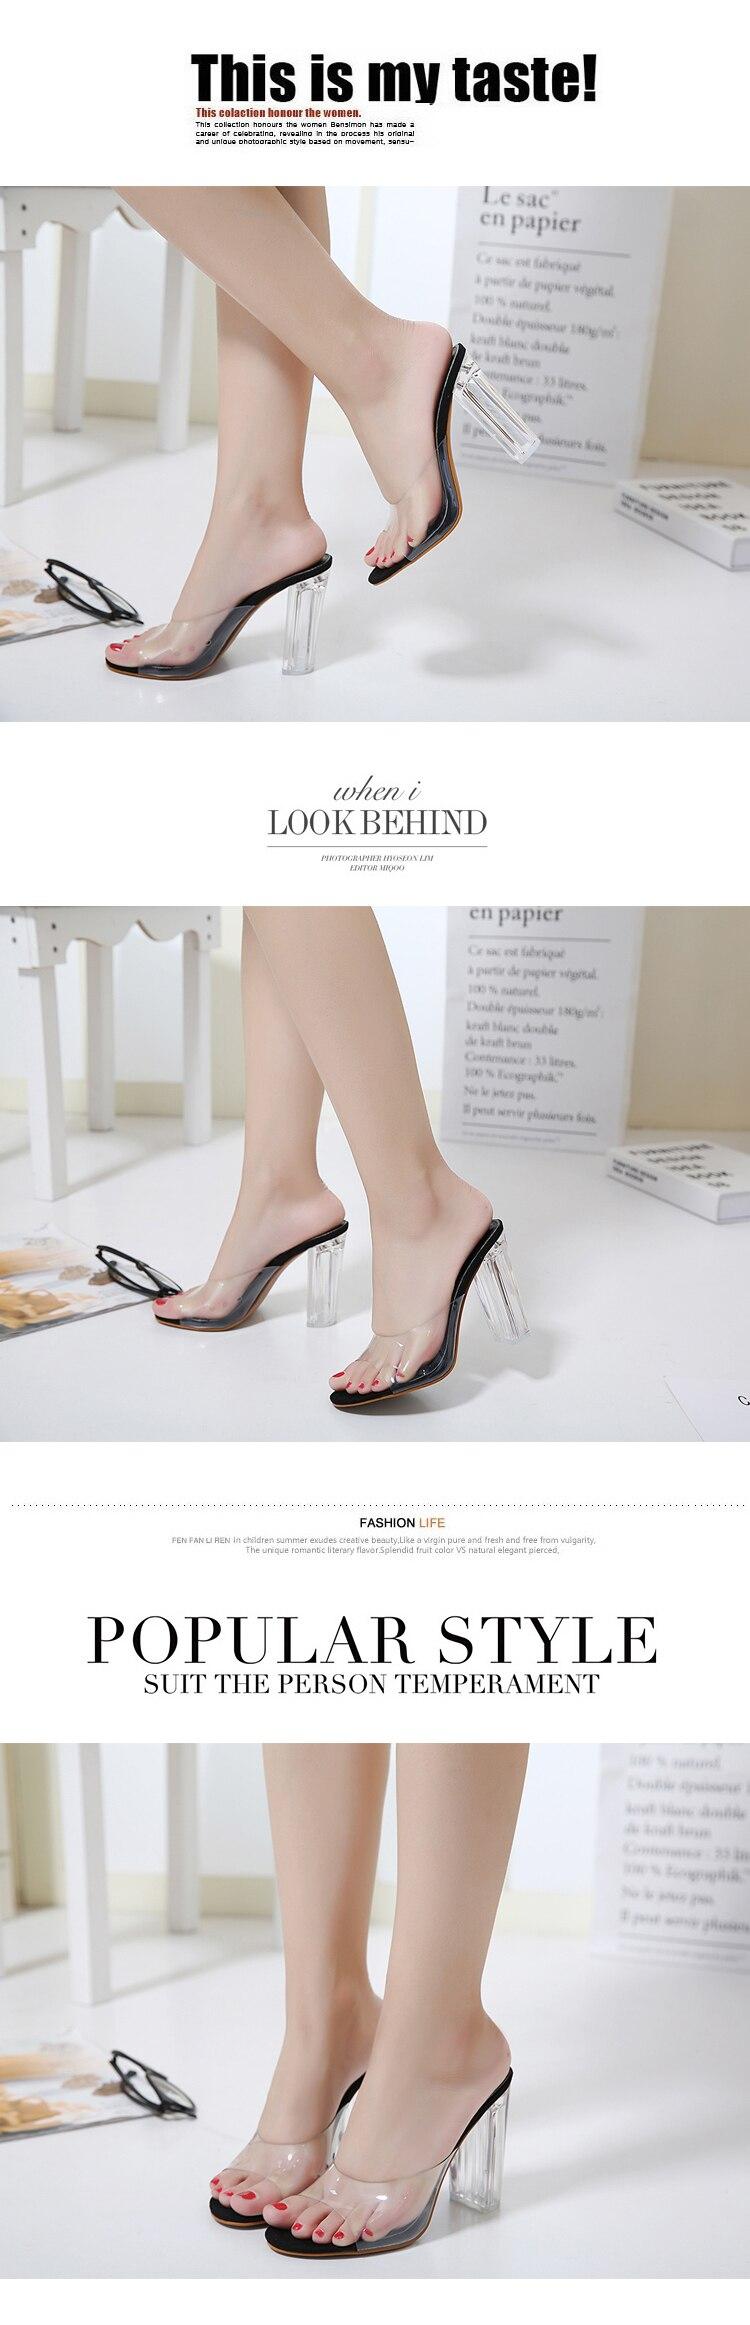 HTB1qfvVowDD8KJjy0Fdq6AjvXXae Aneikeh New Women Sandals PVC Crystal Heel Transparent Women Sexy Clear High Heels Summer Sandals Pumps Shoes Size 41 42